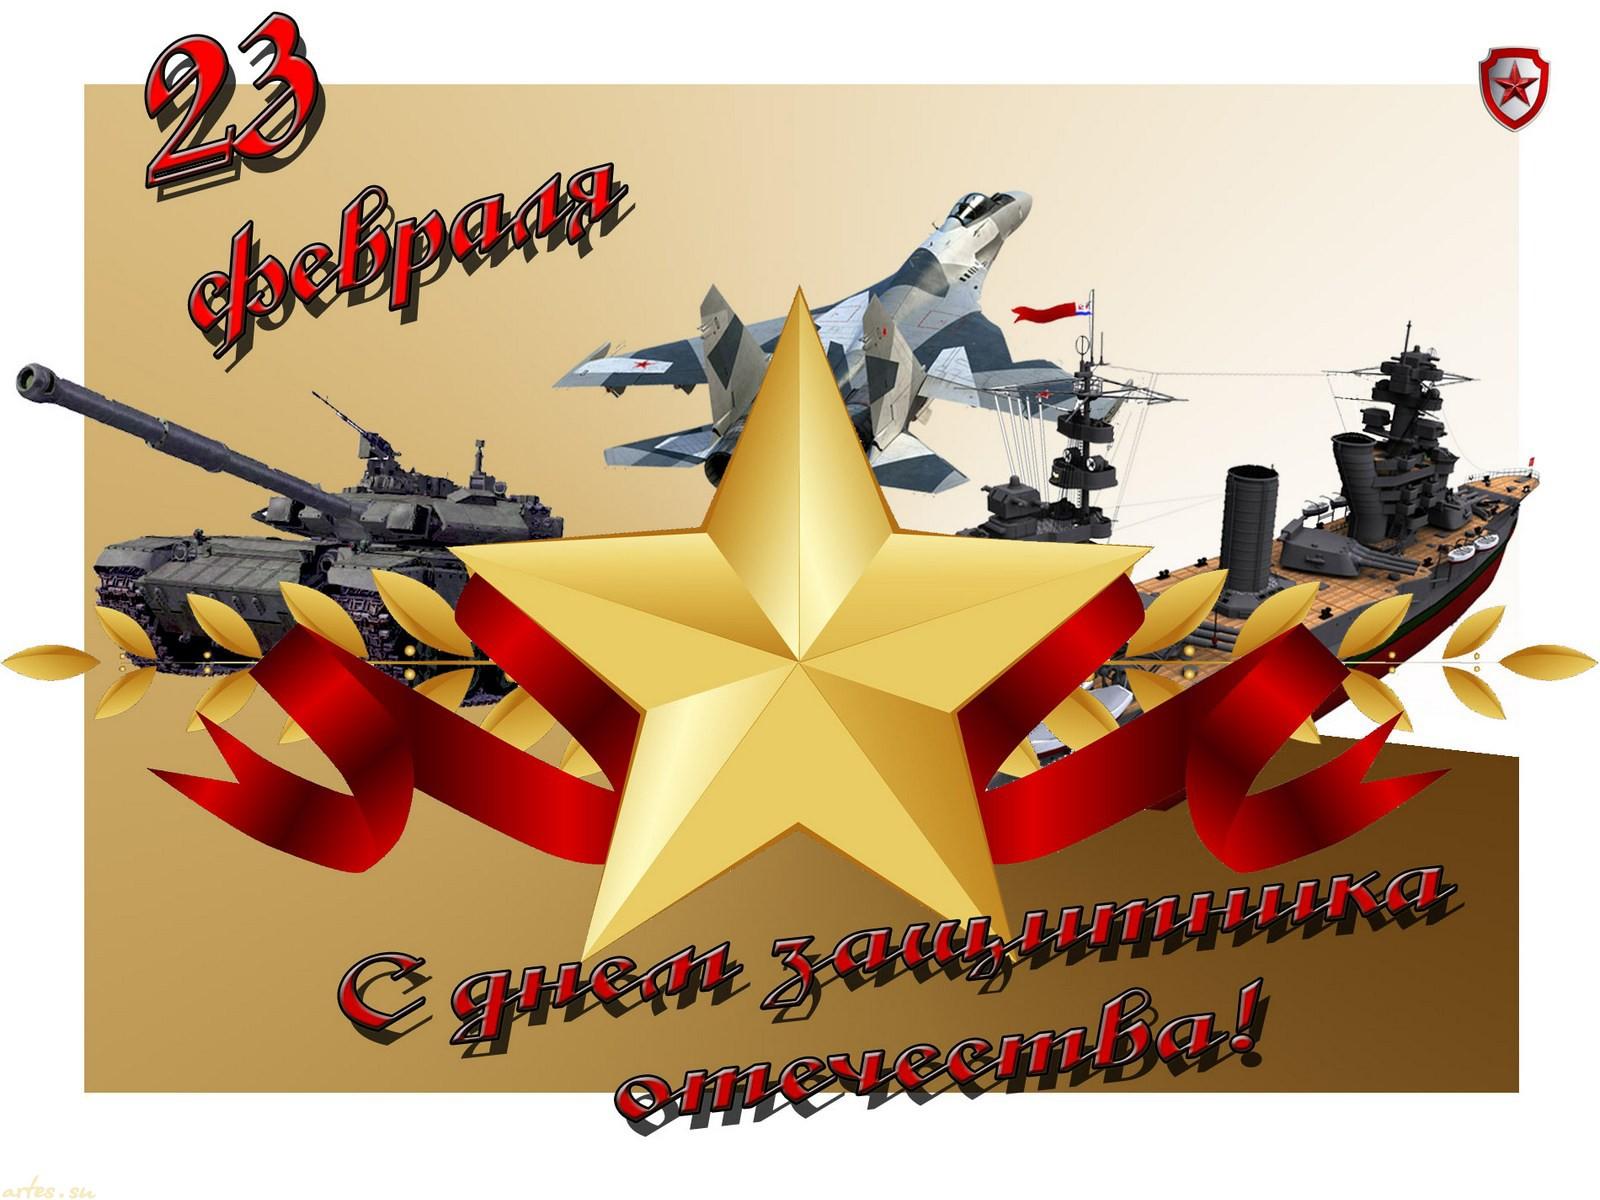 ❶Тематика 23 февраля|Поздравление с 23 февраля смс прикольные|День защитника Отечества: для детей | военные | Pinterest|Публикации|}